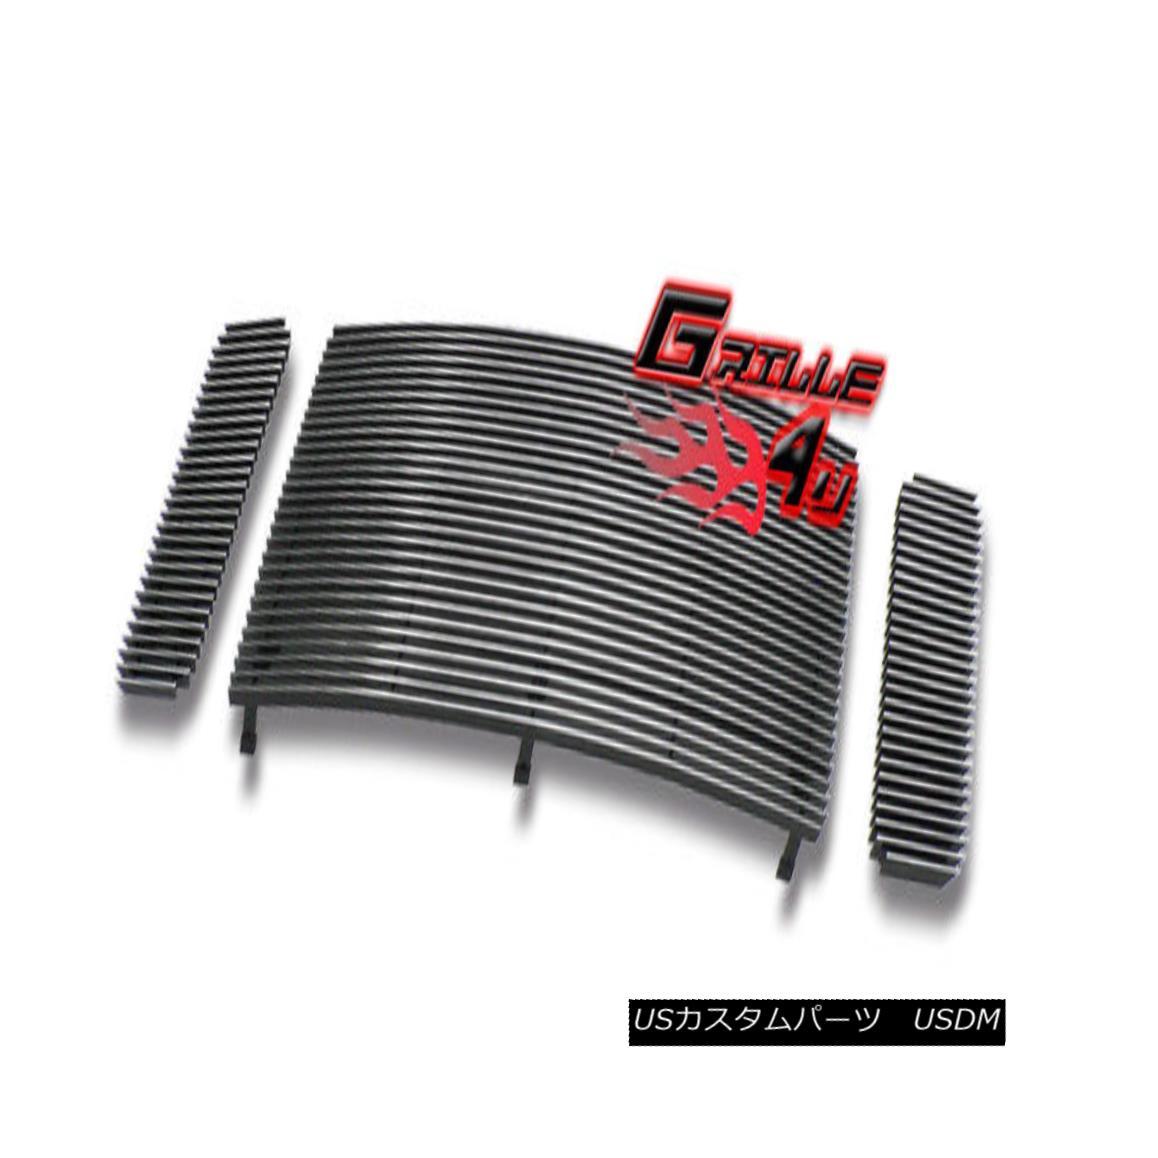 グリル For 08-10 Ford F250/F350/F450/F550 FX4 Billet Premium Grille Insert 08-10 Ford F250 / F350 / F450 / F550 FX4ビレットプレミアムグリルインサート